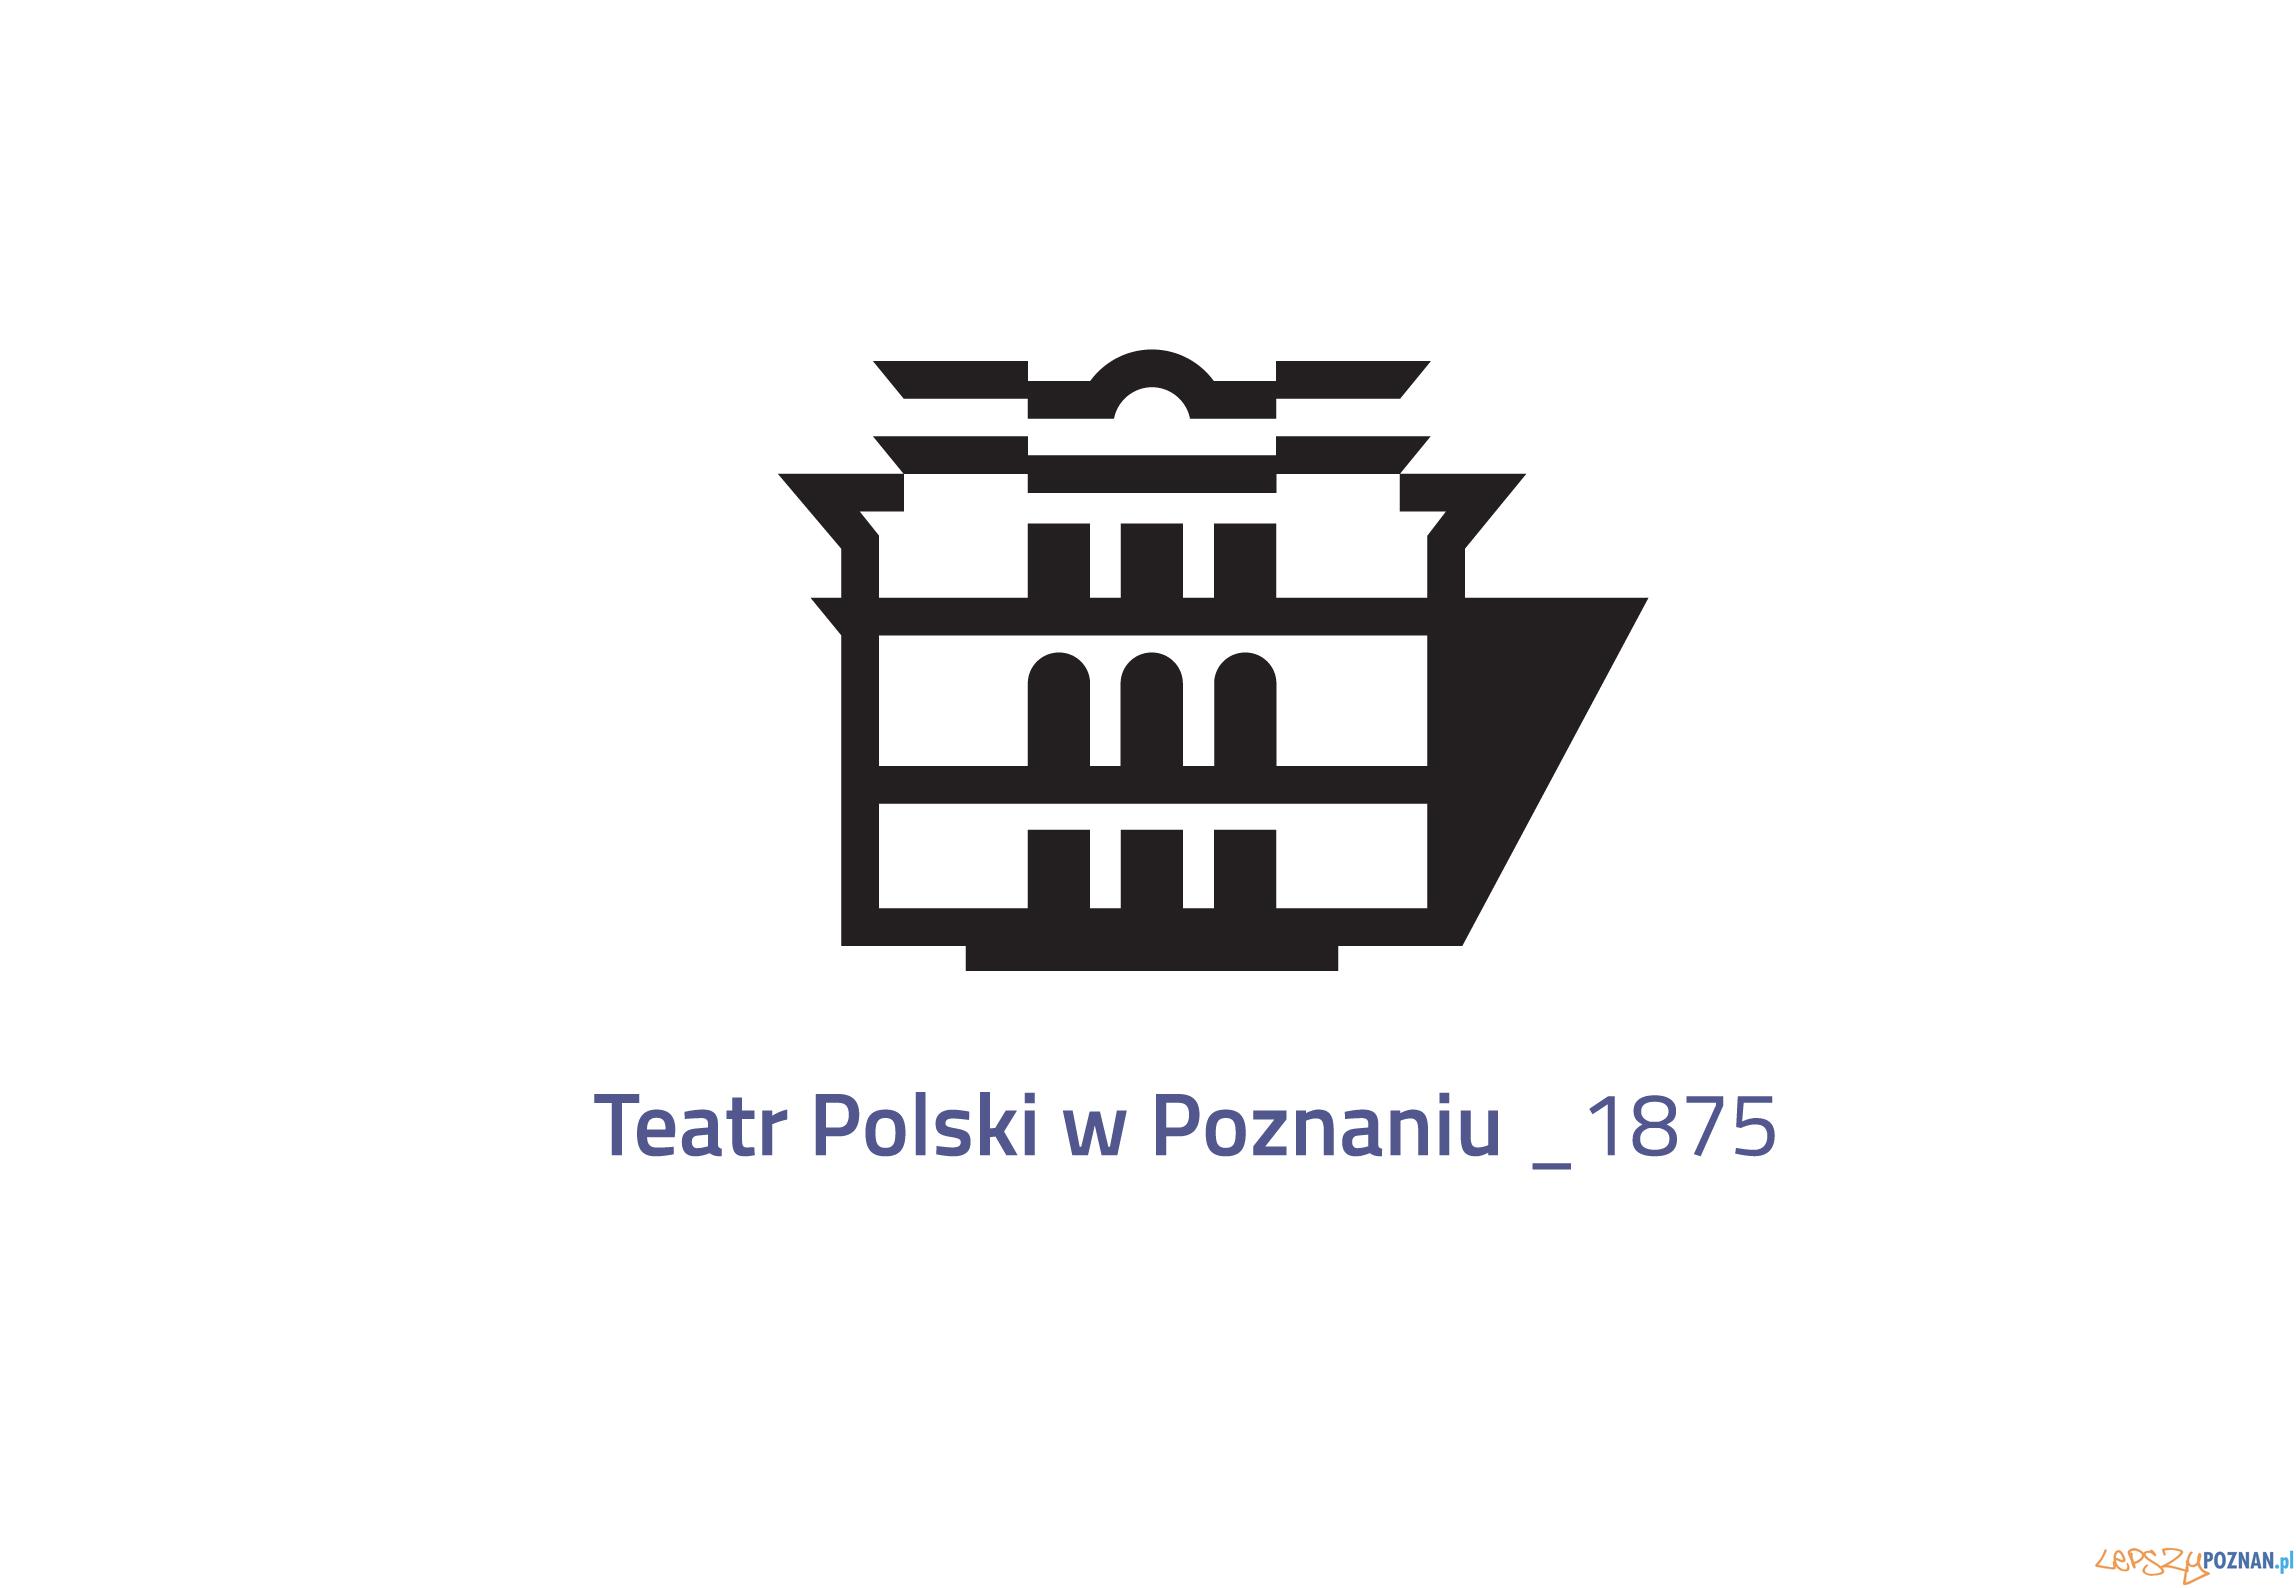 Teatr Polski - logotym 2019/2020  Foto: materiały prasowe